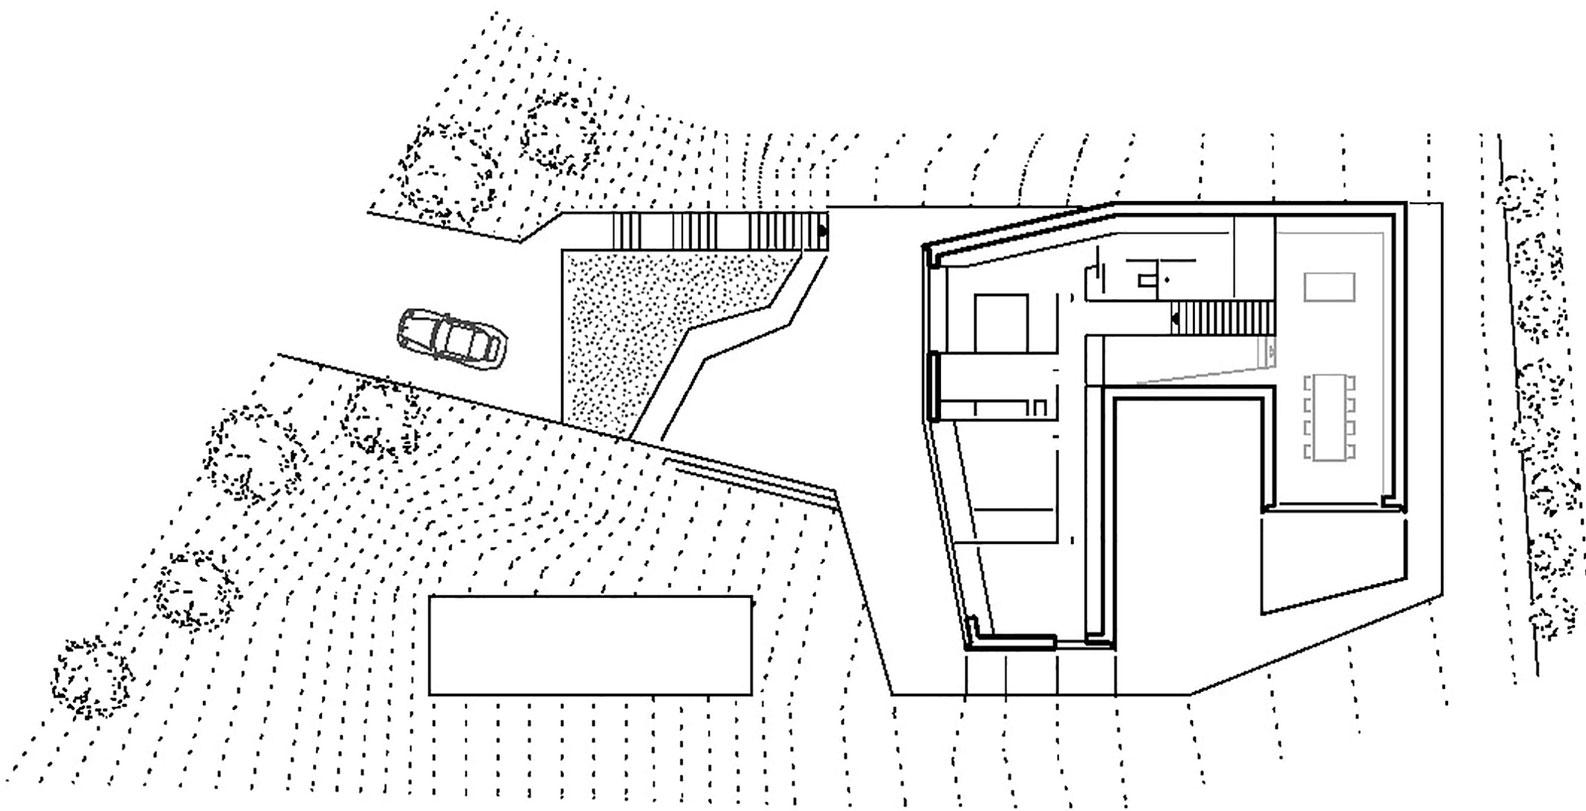 S3 City Home in Tübingen by Steimle Architekten-28